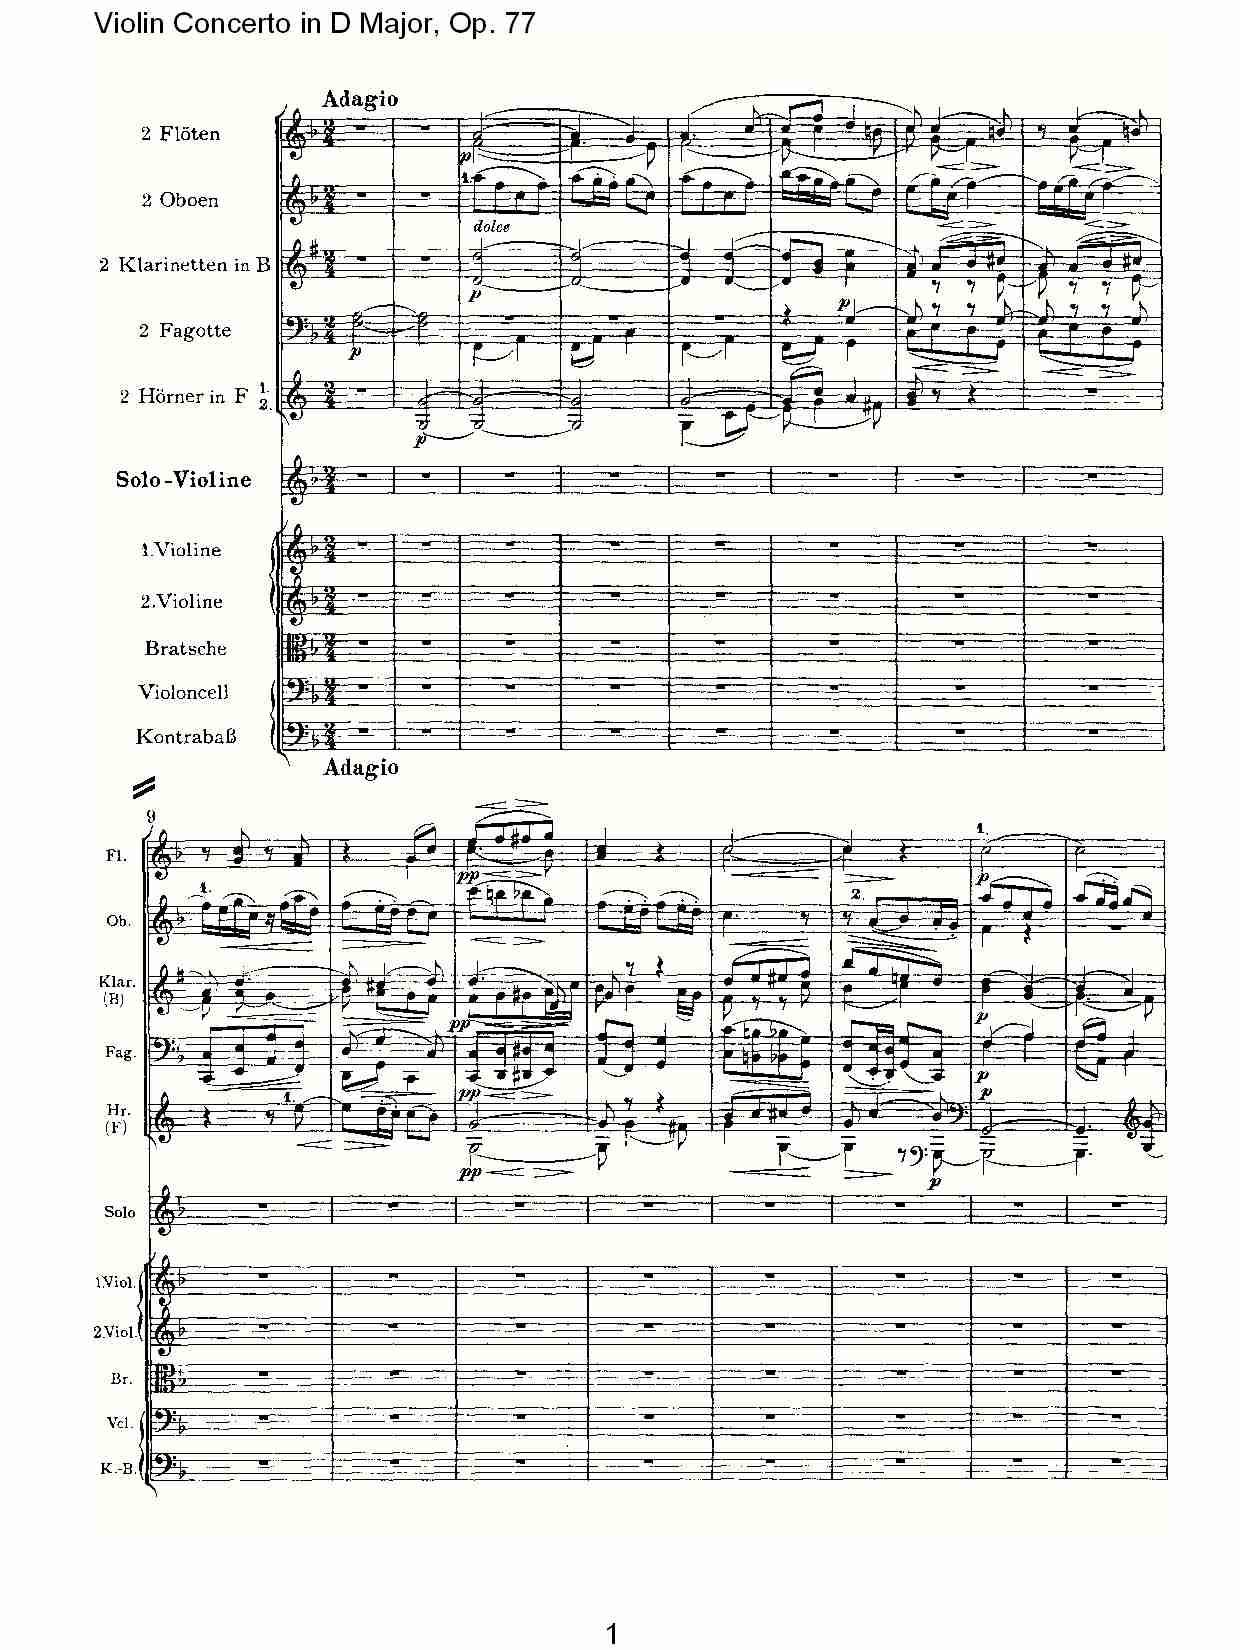 d大调小提琴协奏曲, op.77第二乐章(一)图片